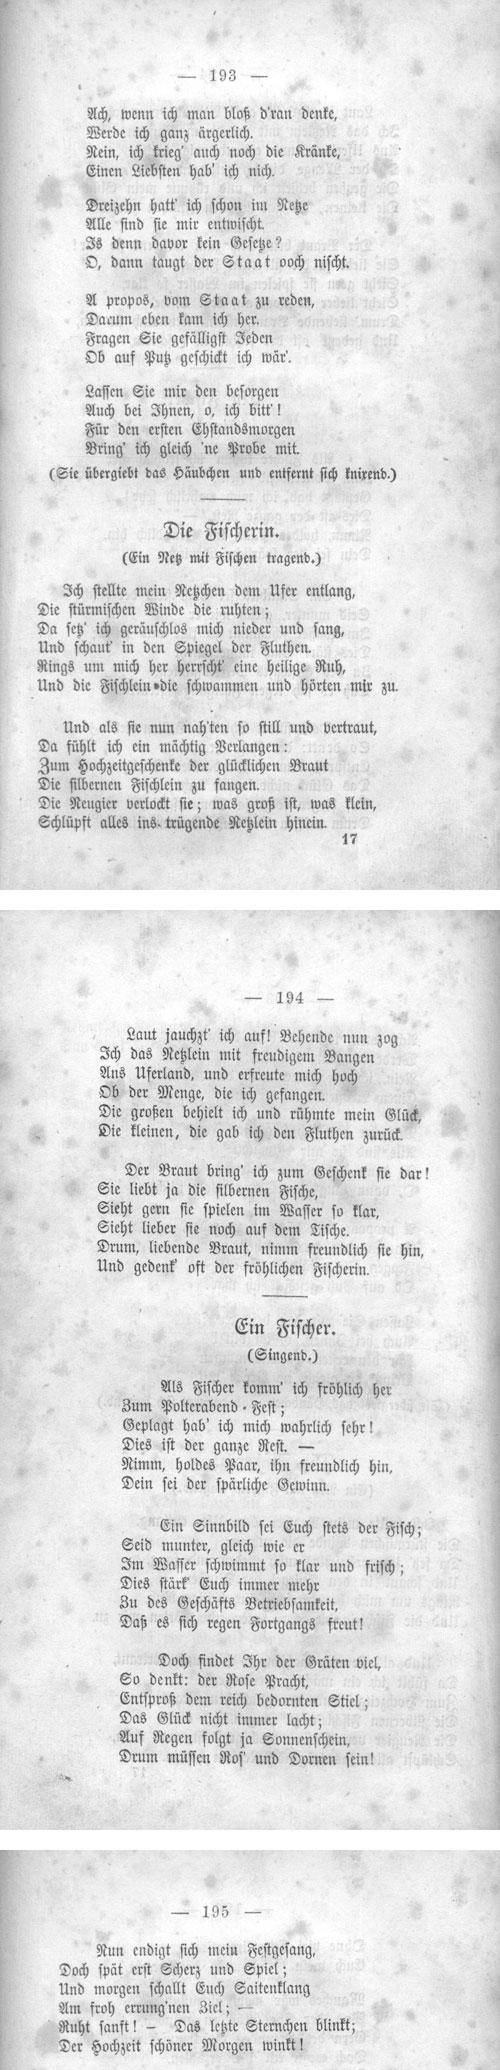 Liebende gedichte Liebende: Gedichte